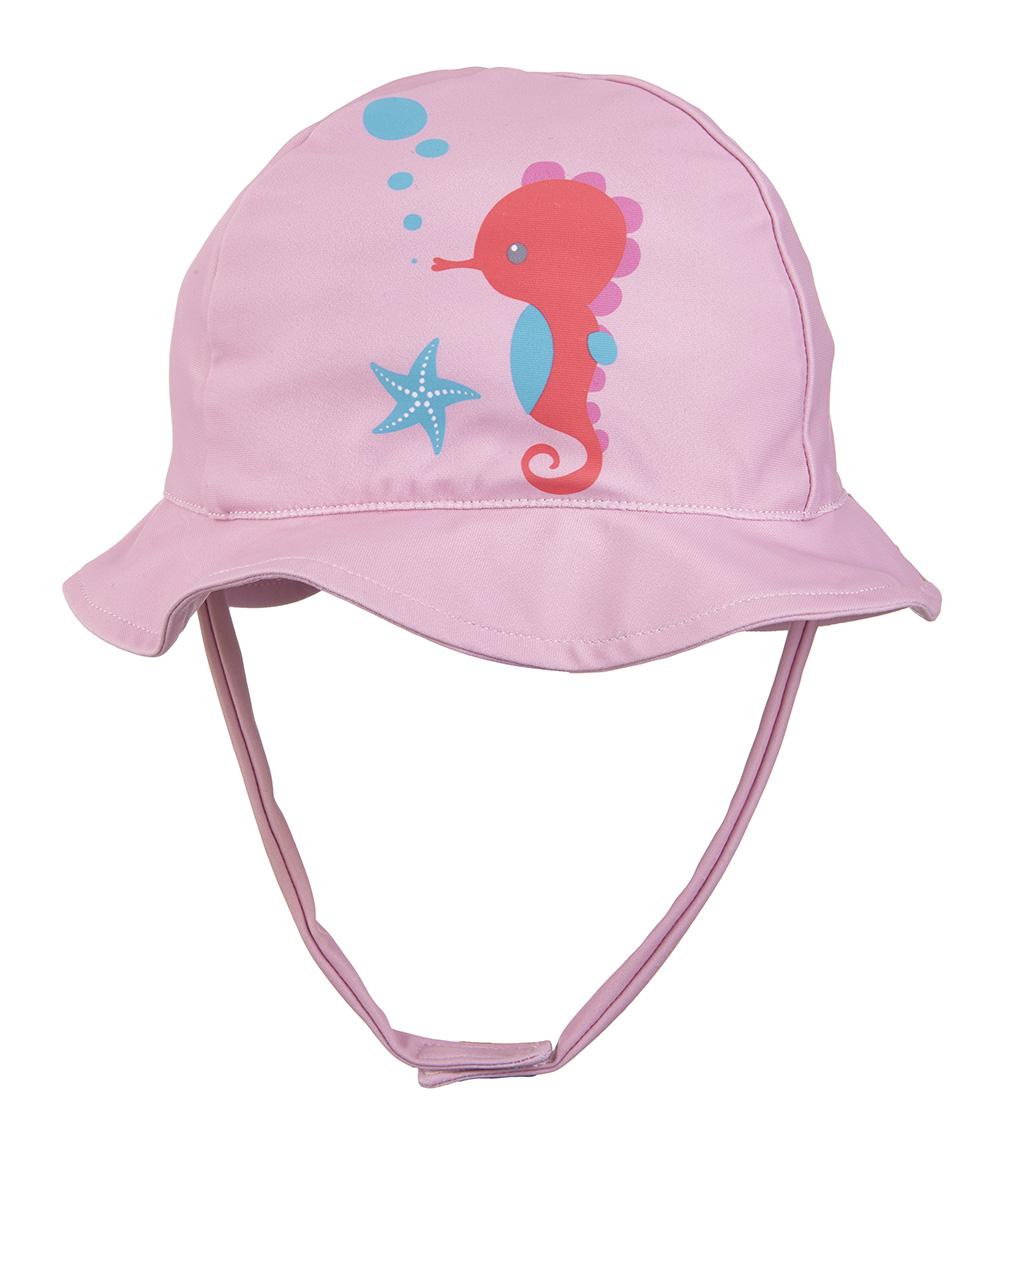 Καπέλο με Ιππόκαμπο για Κορίτσι